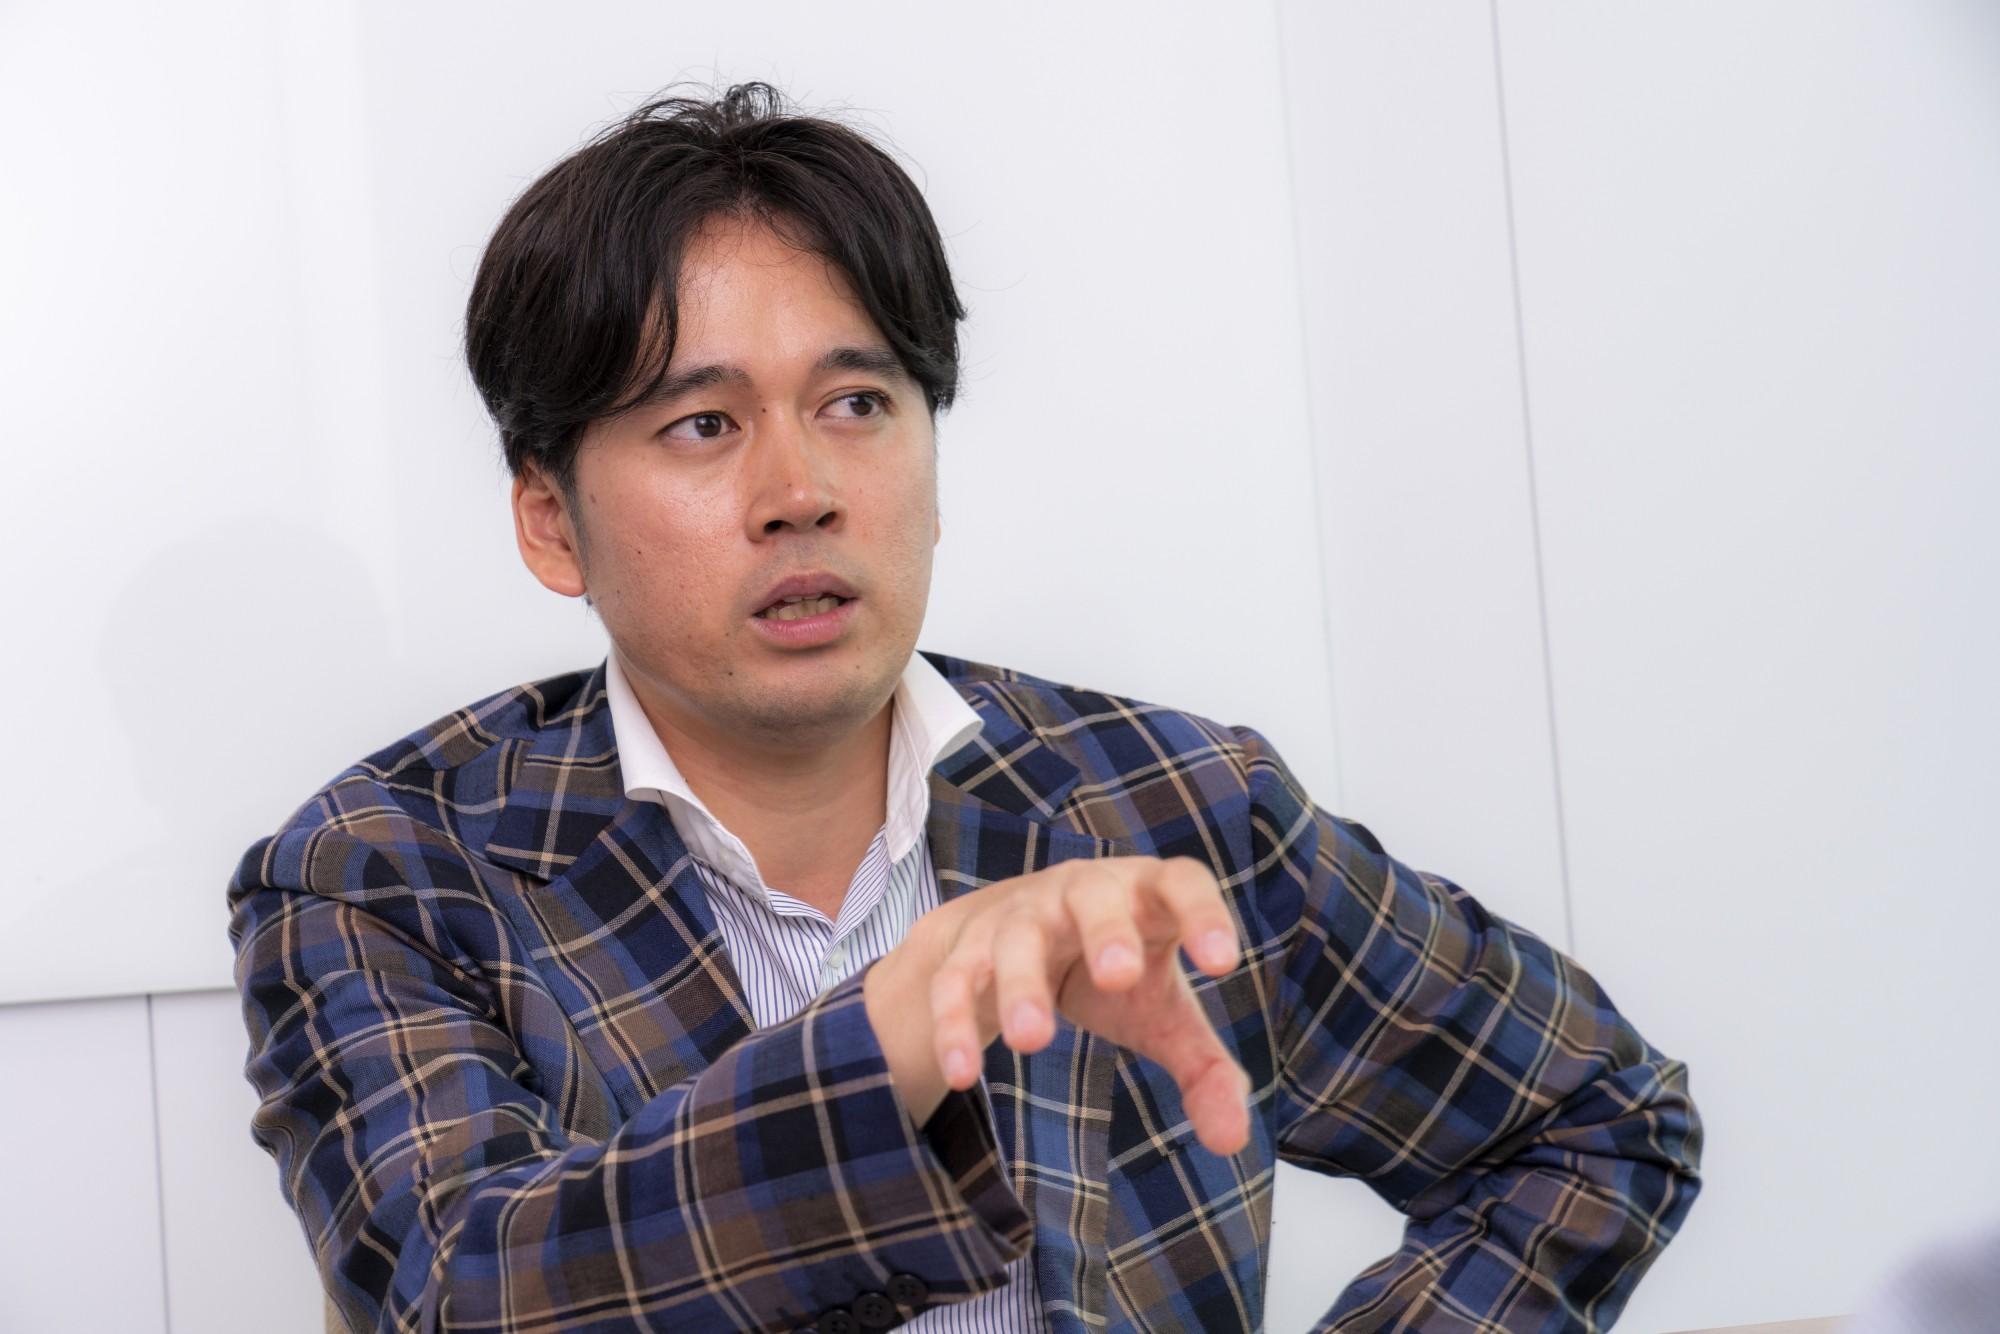 株式会社リミックスポイント 代表取締役会長CEO 小田玄紀 インタビュー 画像3